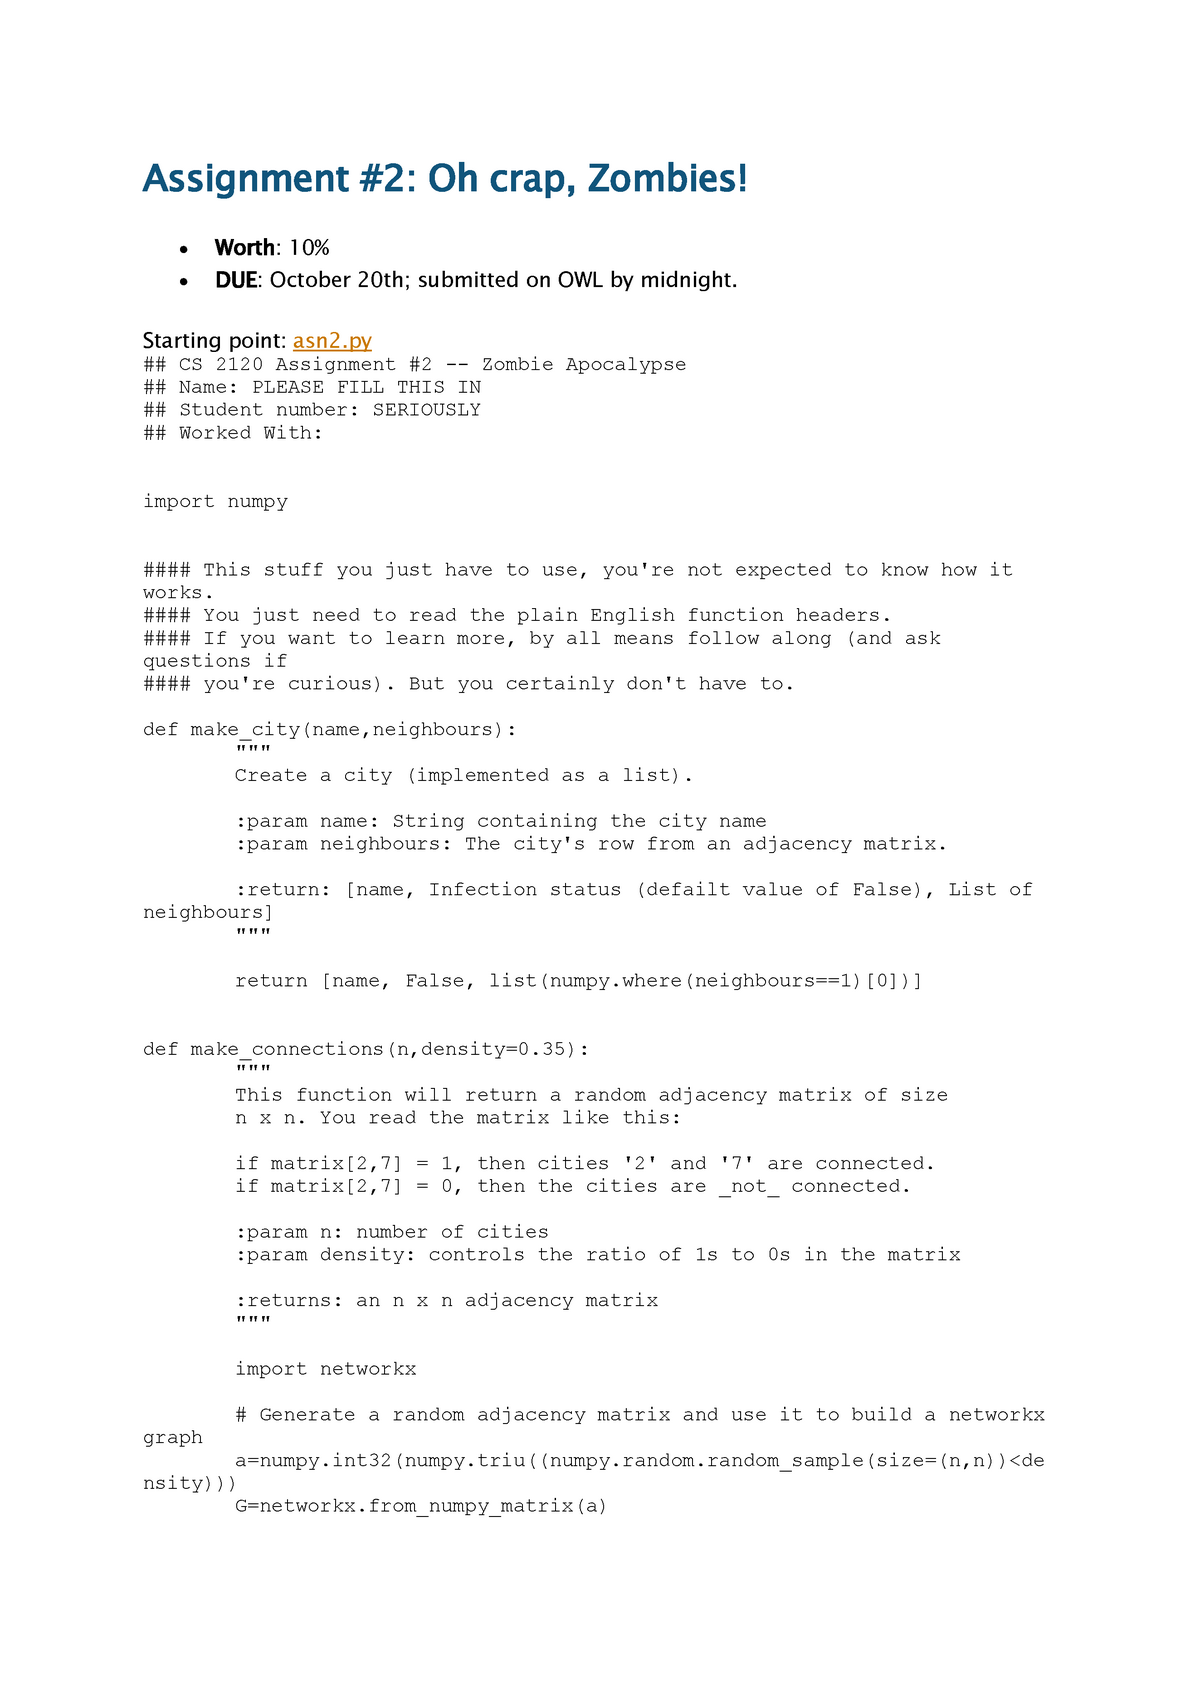 Seminar assignments - Assignment #2 Oh crap, Zombies - CS2120a